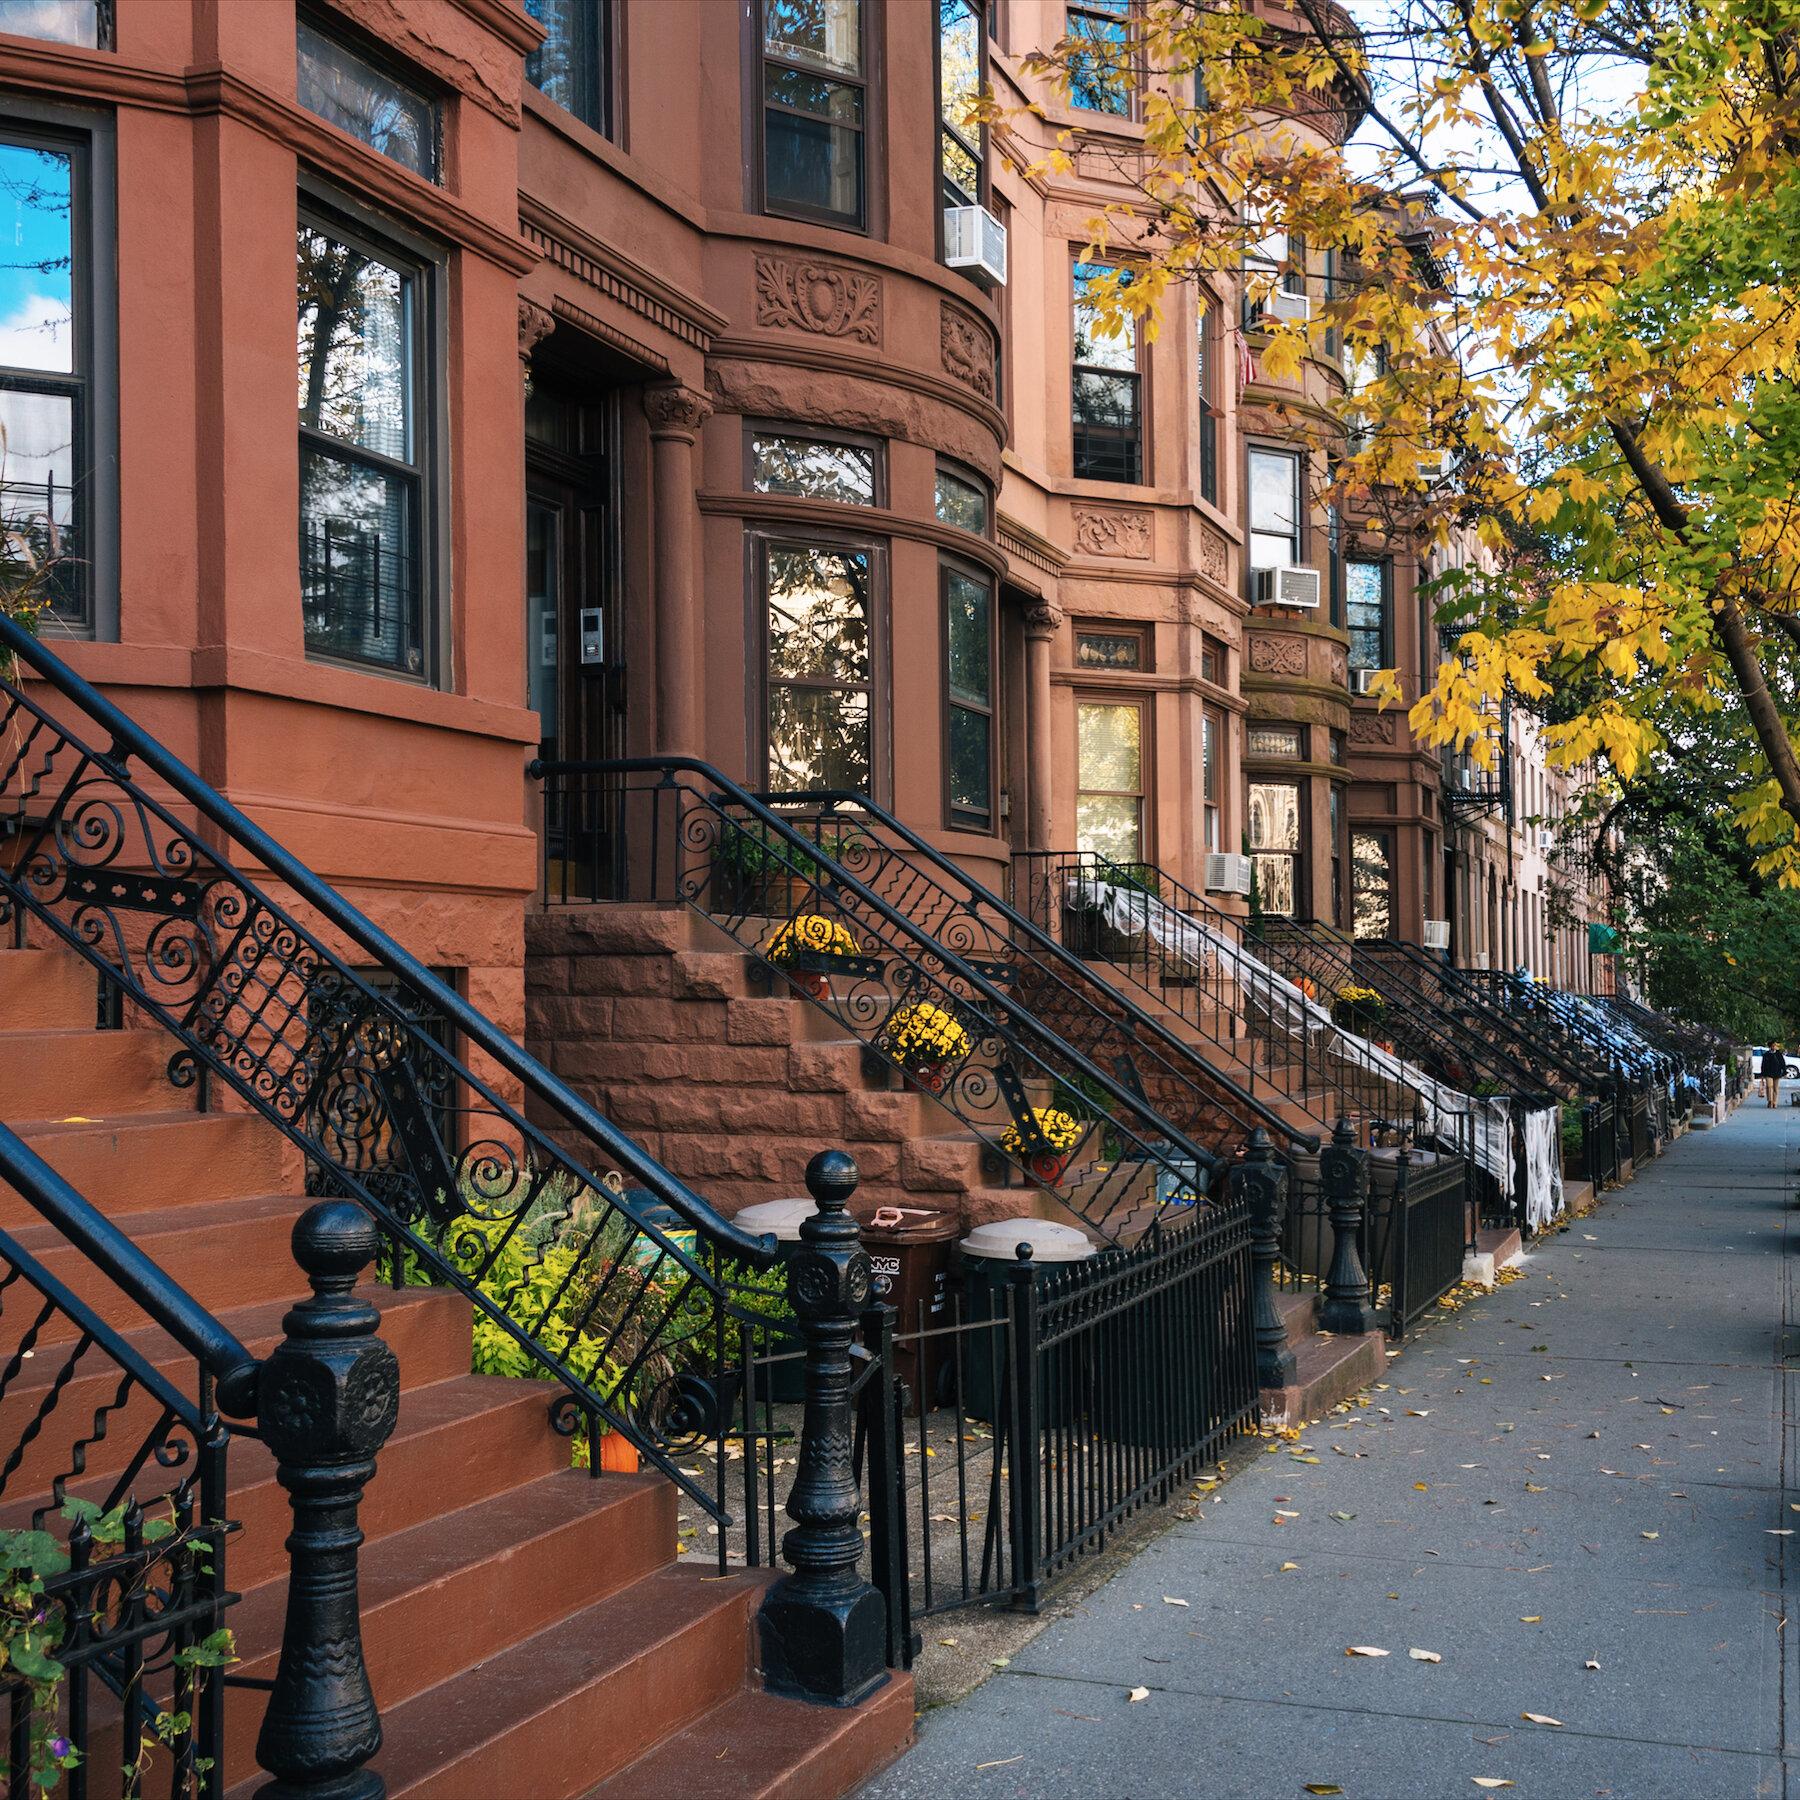 Бруклин Хайтс - Самая красивая часть Бруклина